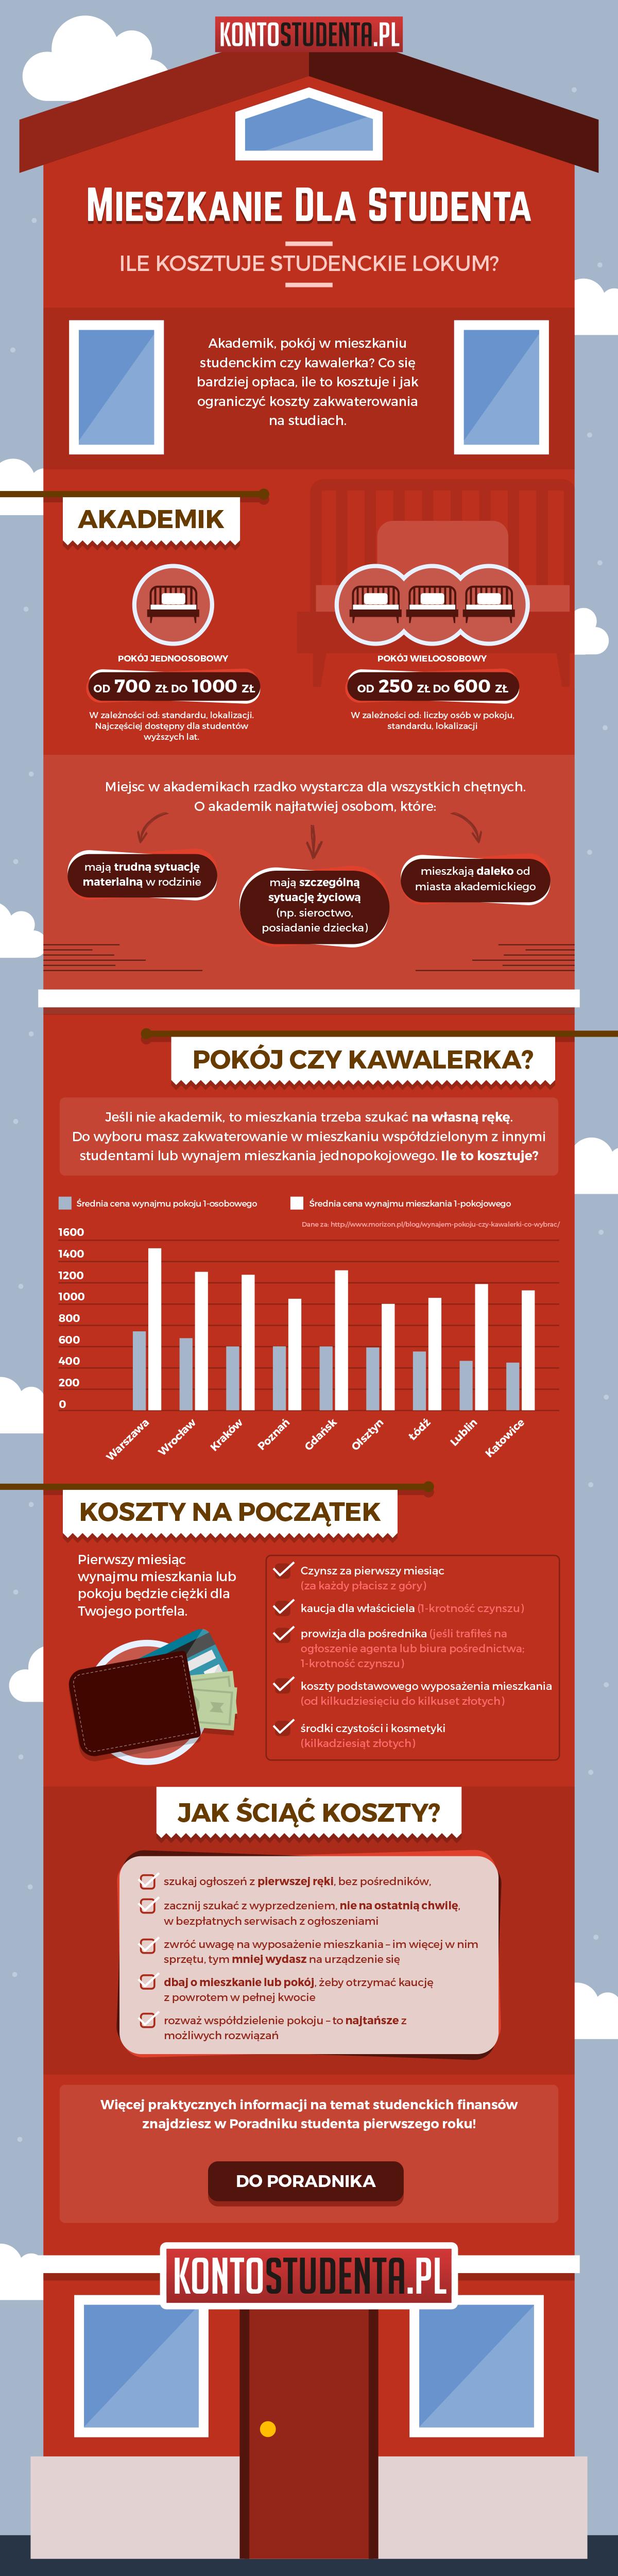 Mieszkanie dla studenta - infografika